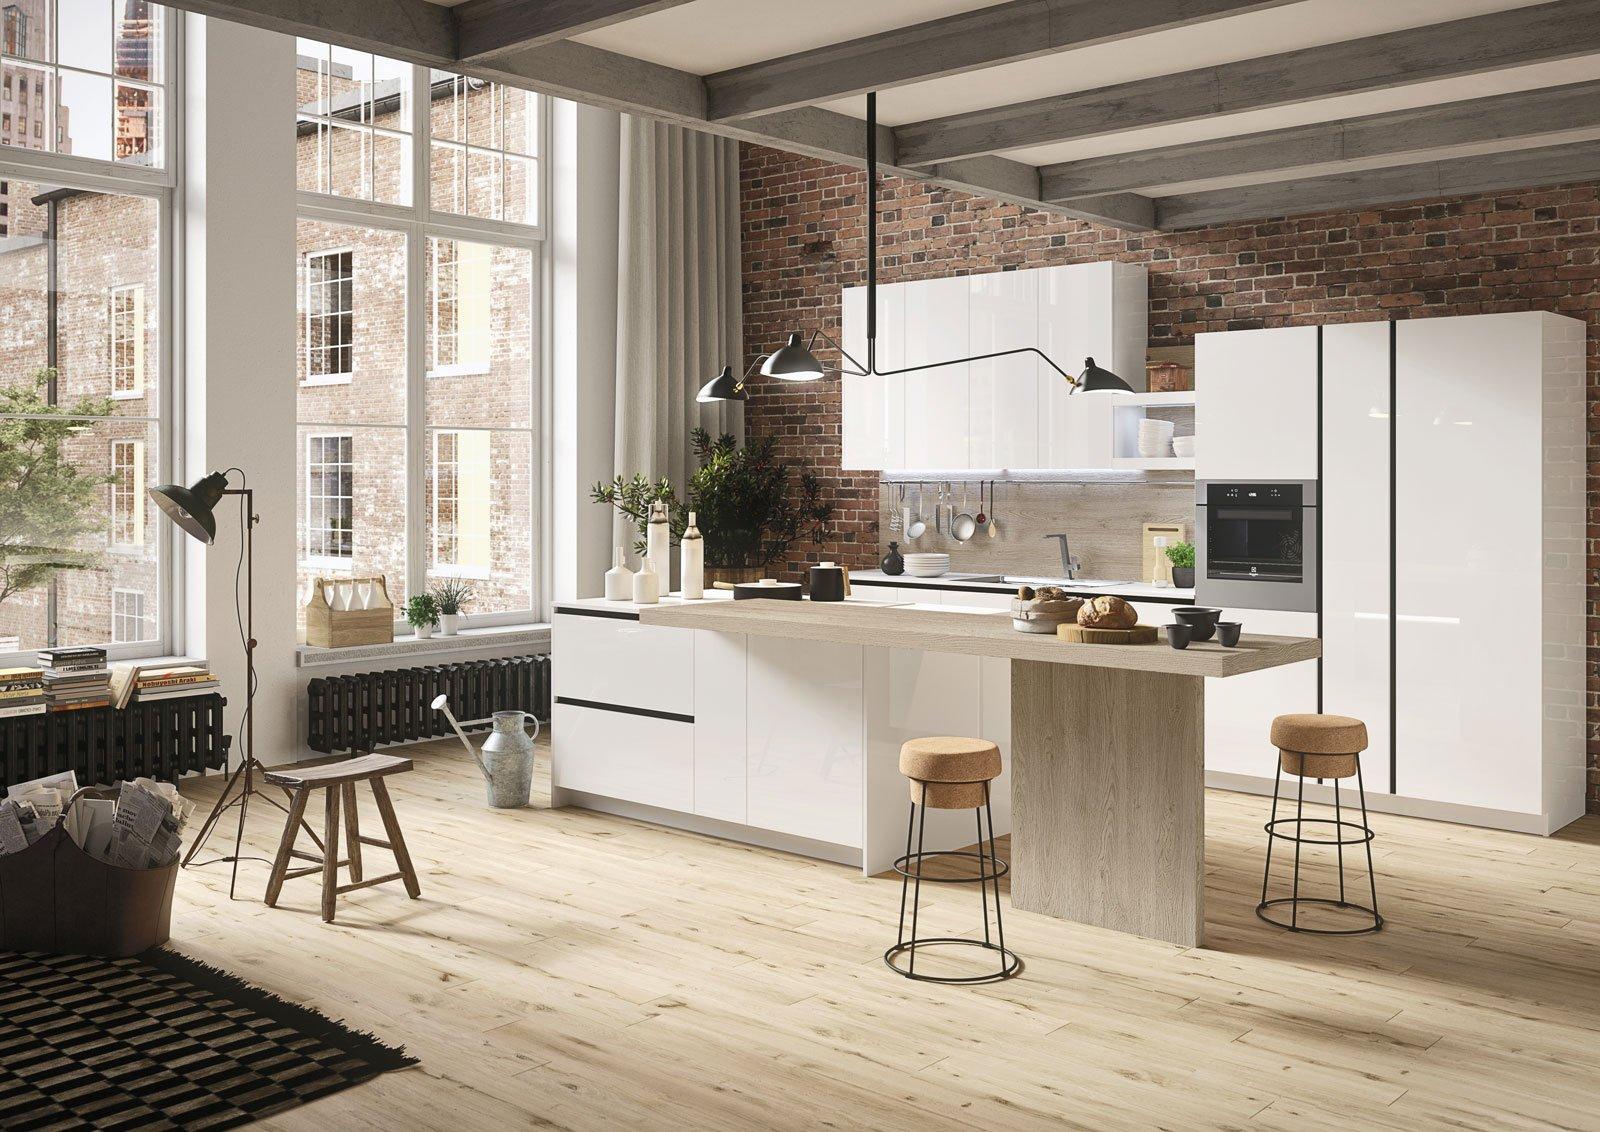 Cucine Con Bancone In Legno : Cucina realizzata su misura laccata opaca bianca con bancone in